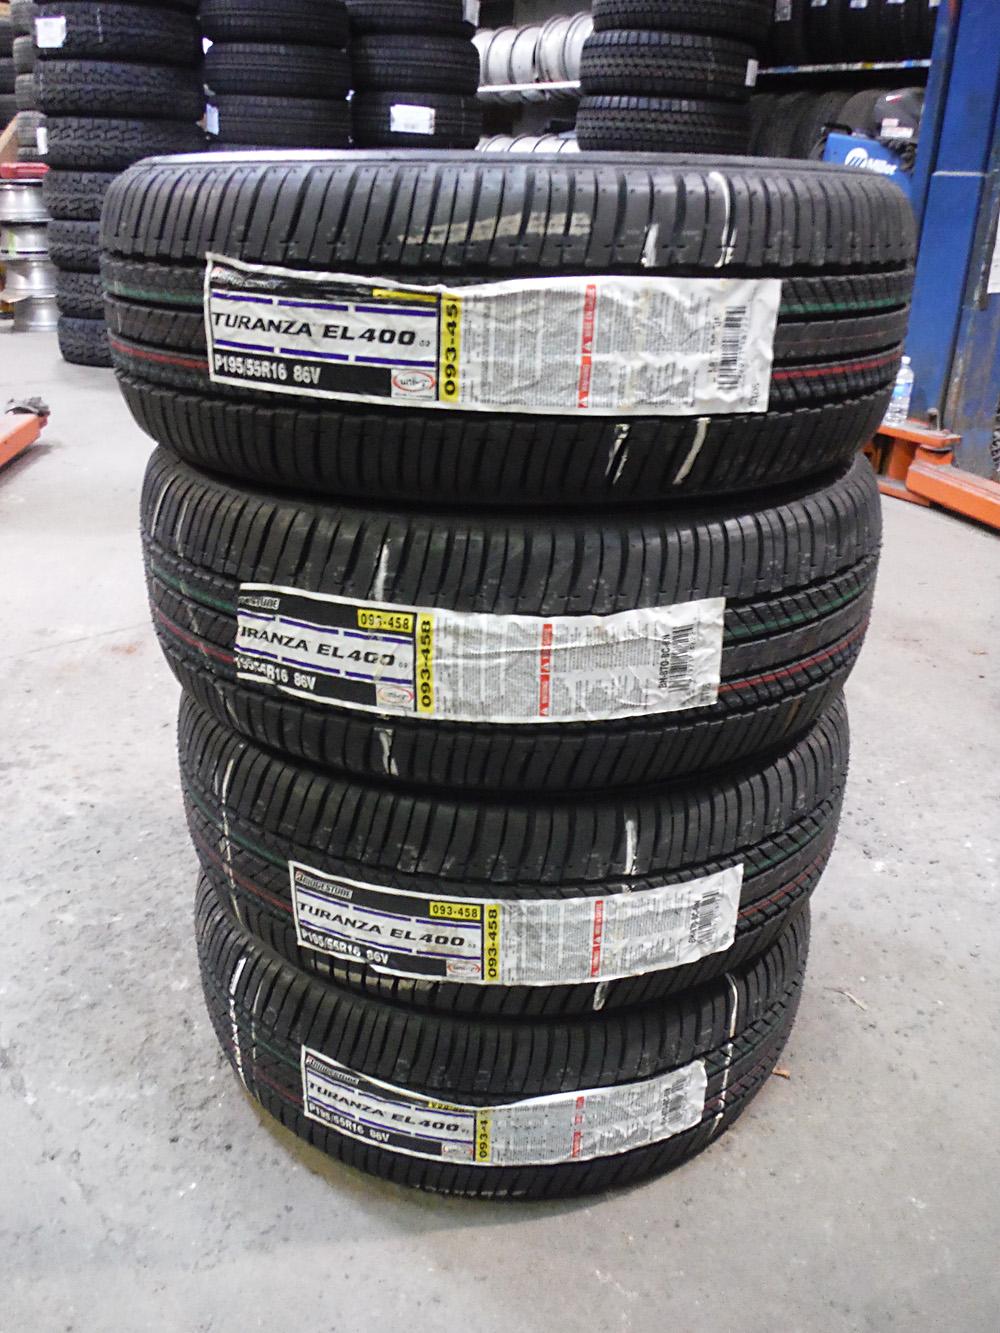 Bridgestone Turanza 195/55R16 Tires for sale